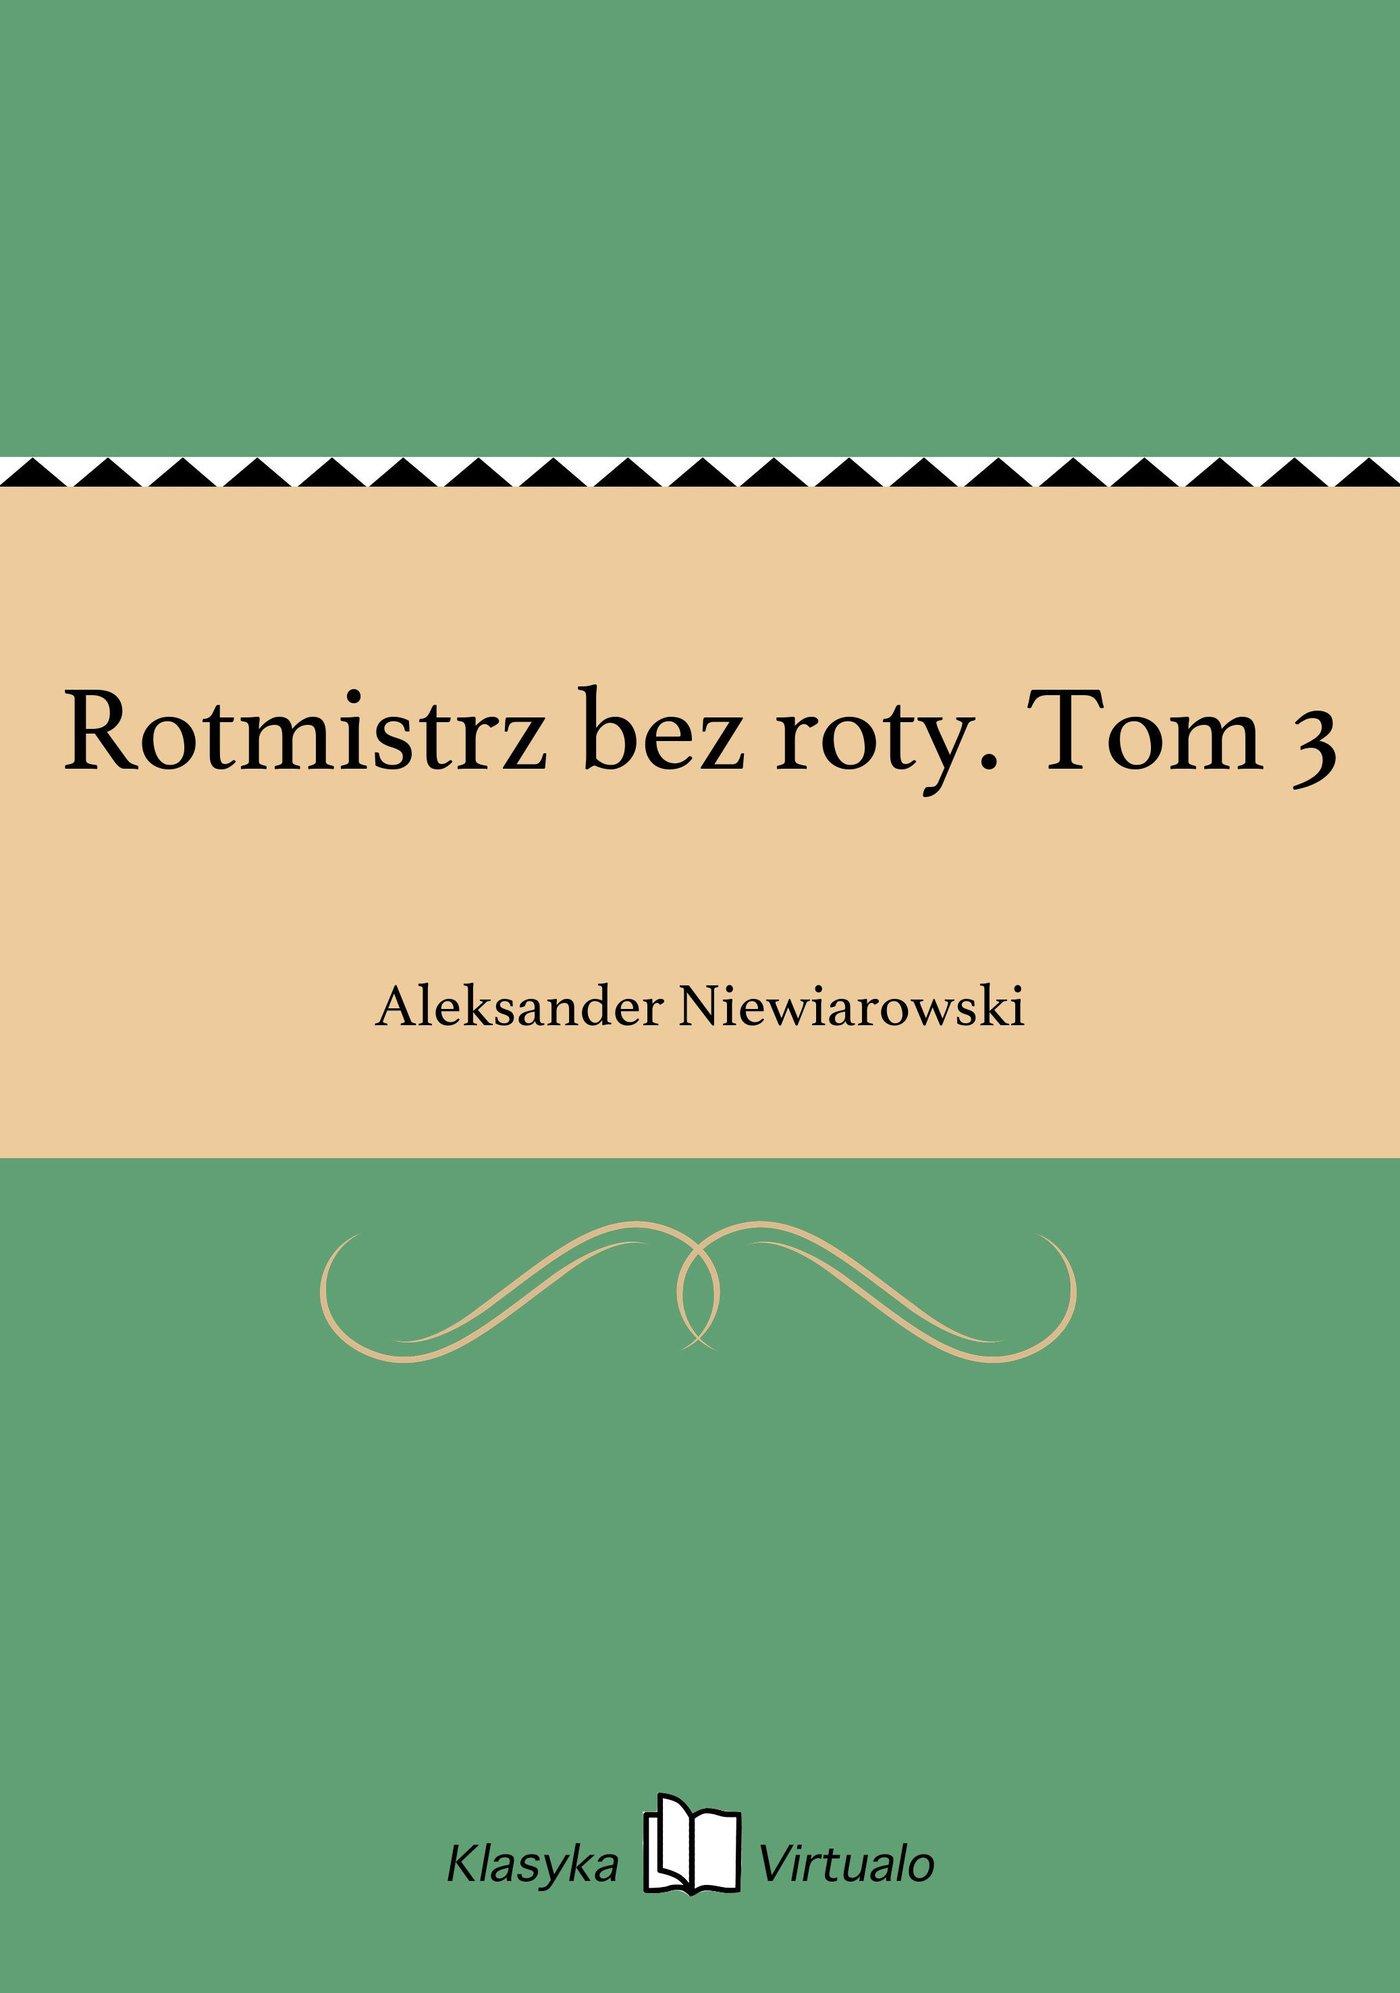 Rotmistrz bez roty. Tom 3 - Ebook (Książka EPUB) do pobrania w formacie EPUB